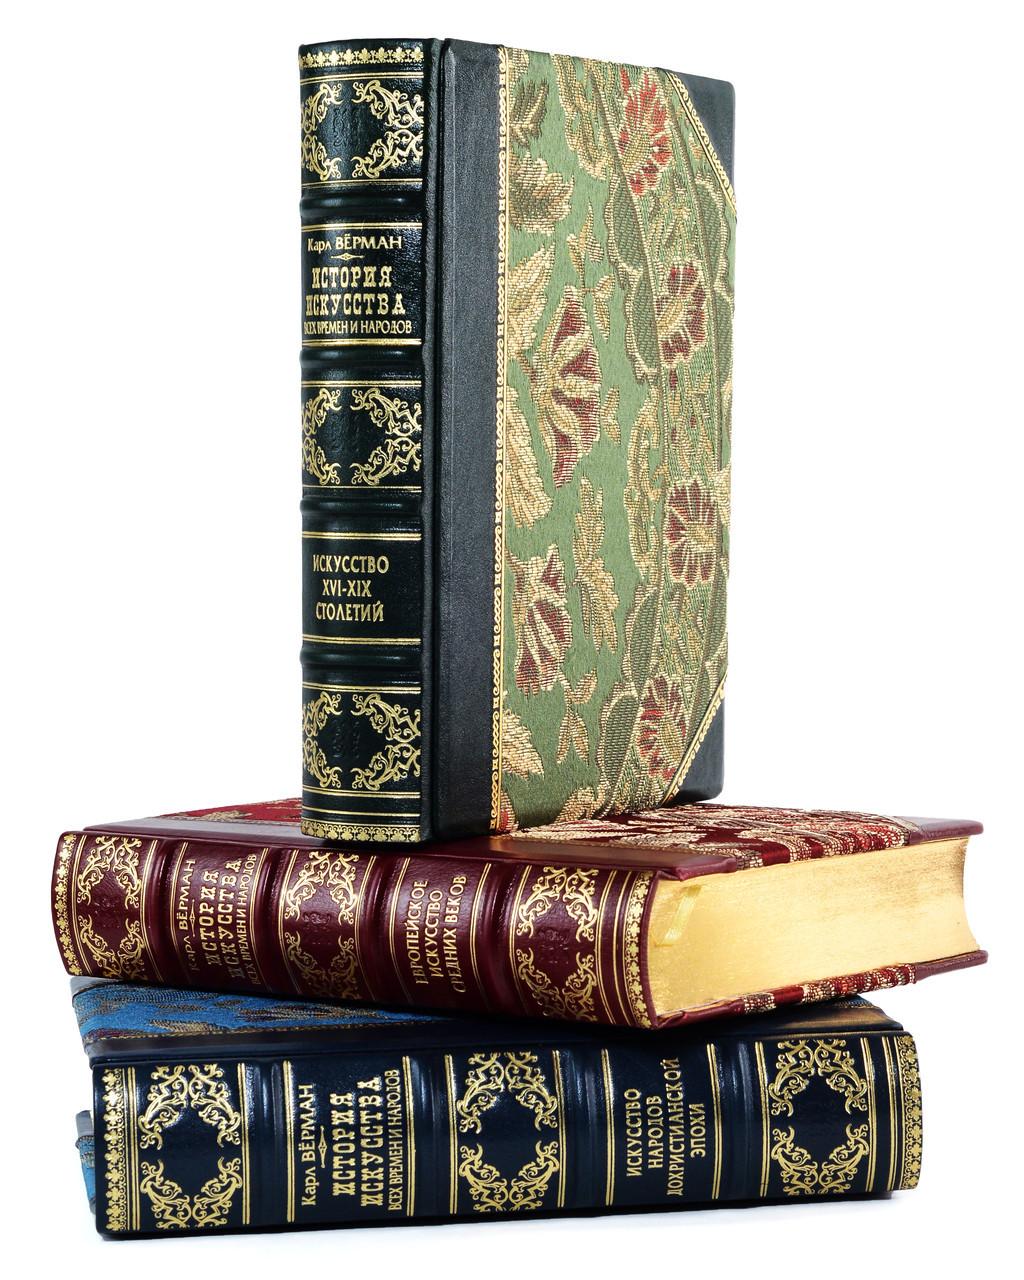 «Історія мистецтва всіх часів і народів» в 3 томах. Подарункове видання в шкіряній палітурці і шкіряних футлярах